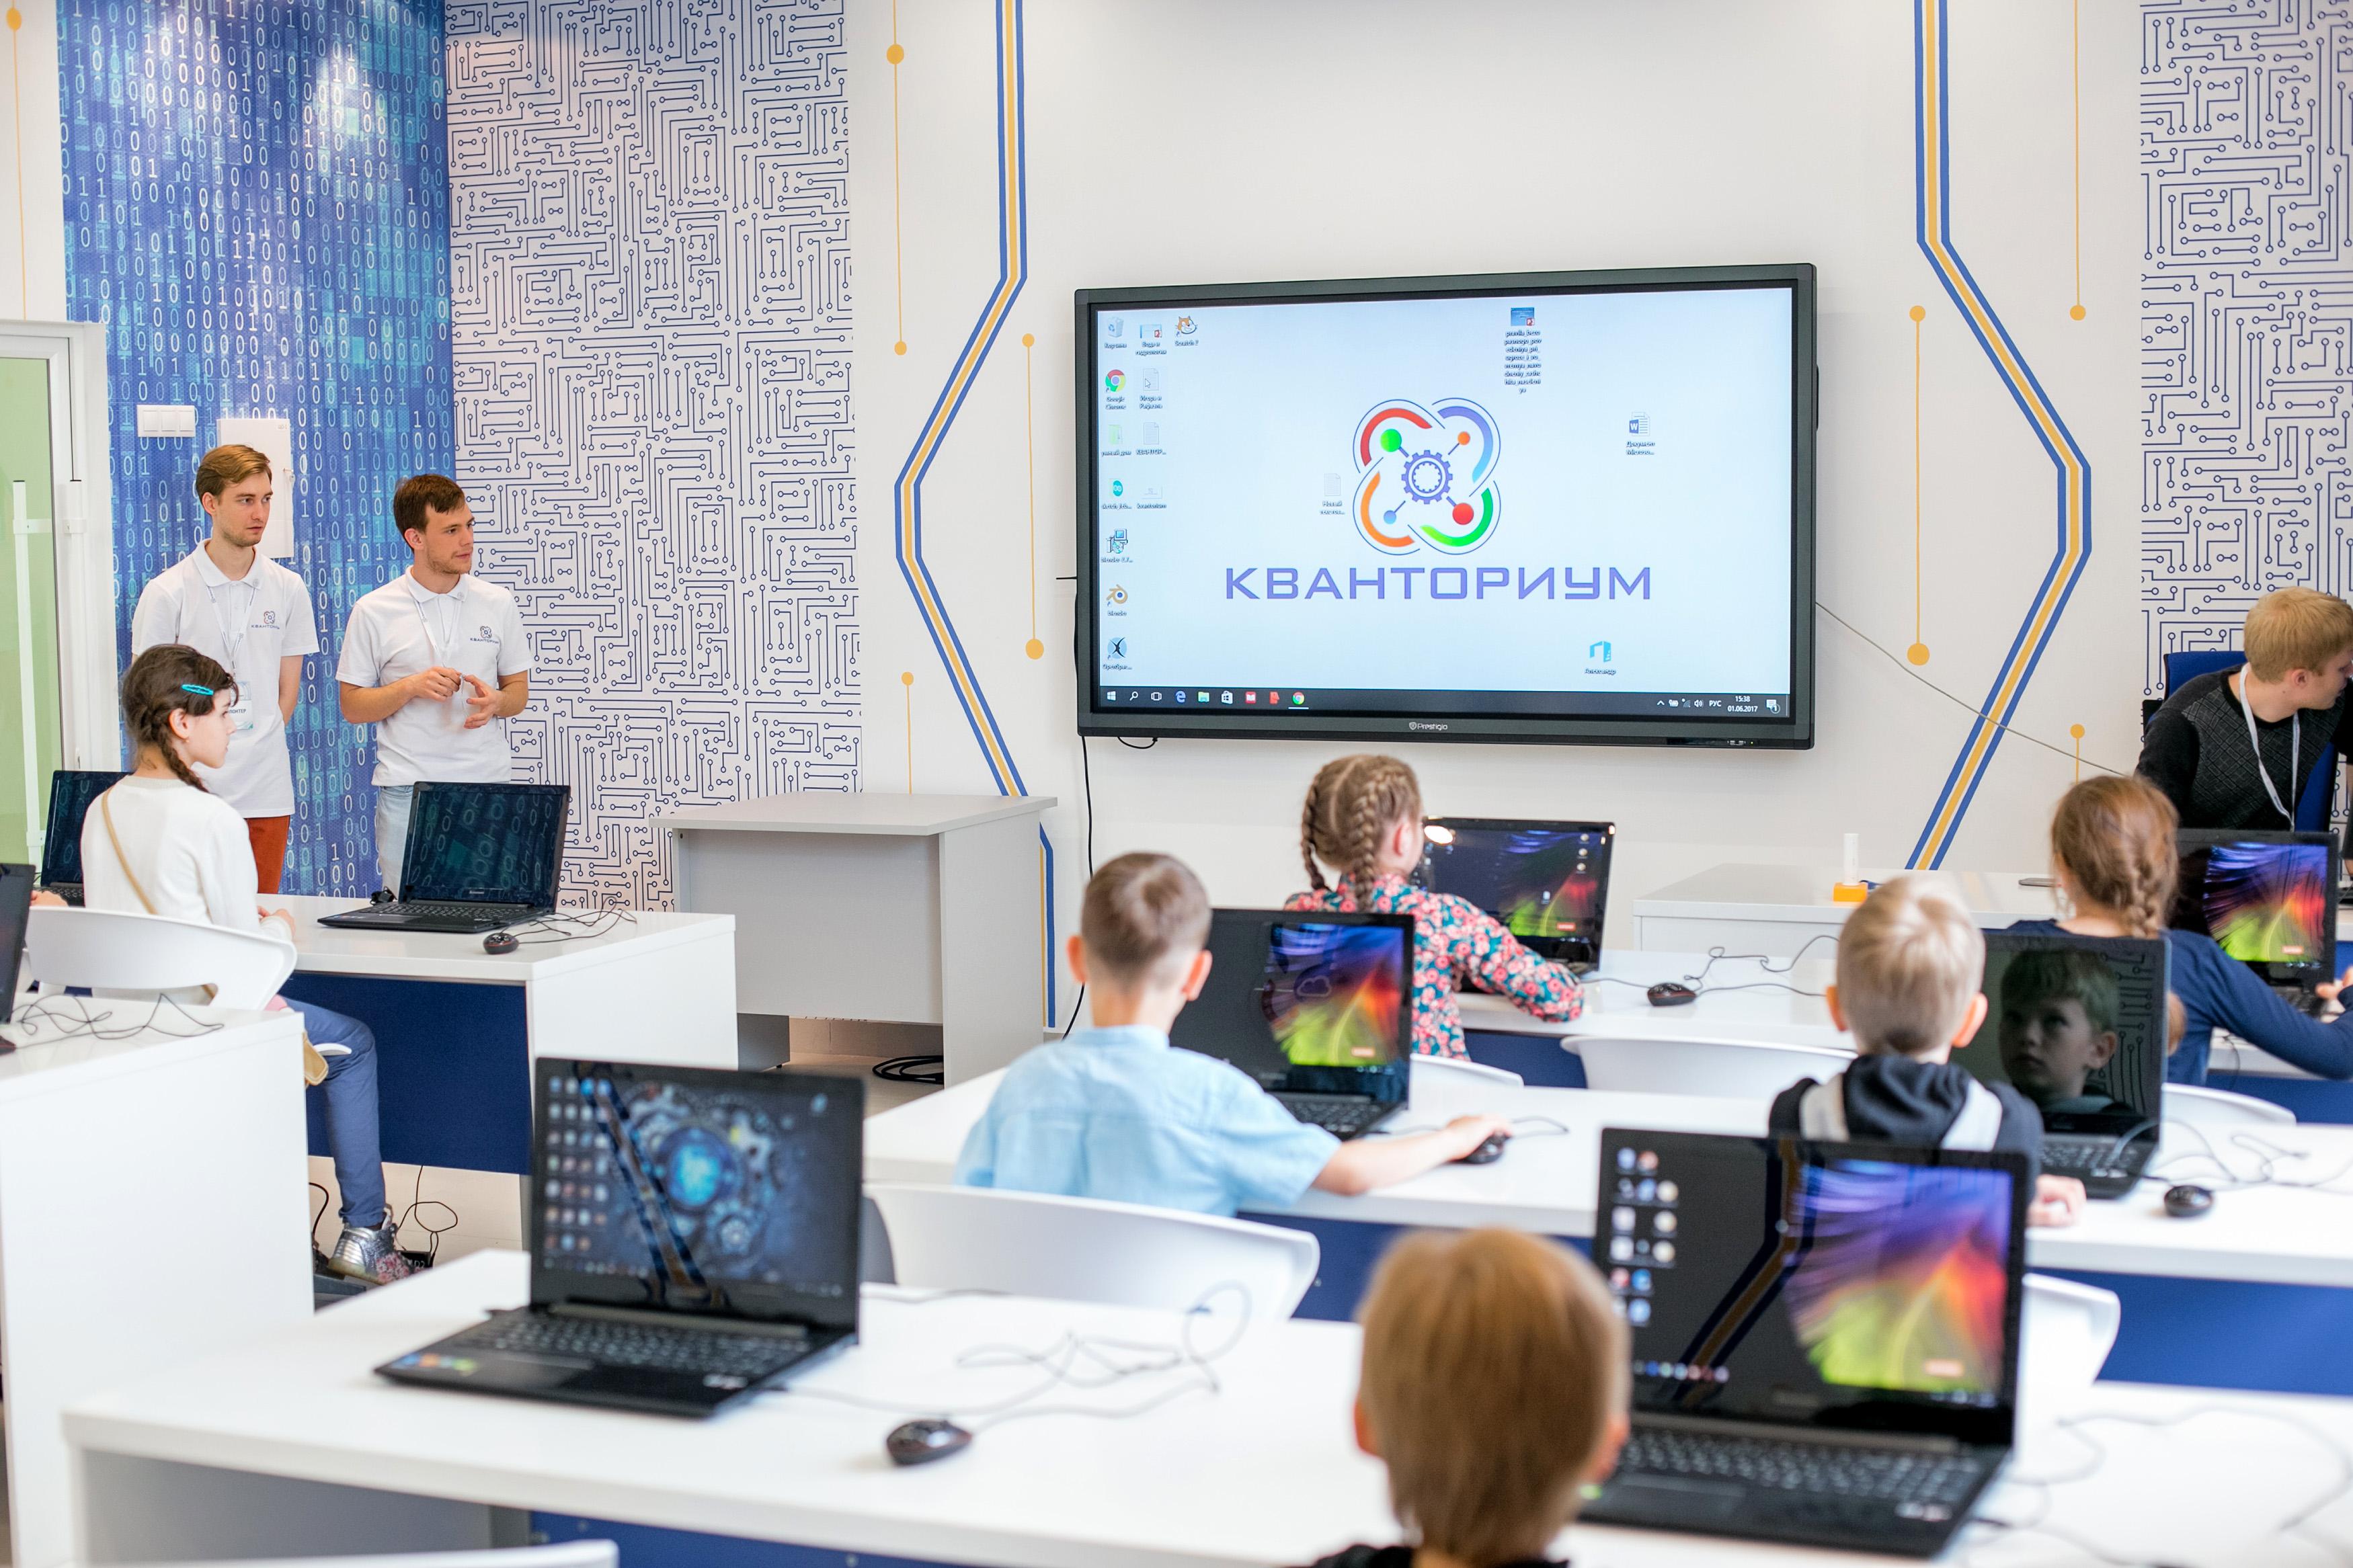 """Мобильный технопарк. как калининградский """"кванториум"""" учит детей решать любые задачи - тасс"""